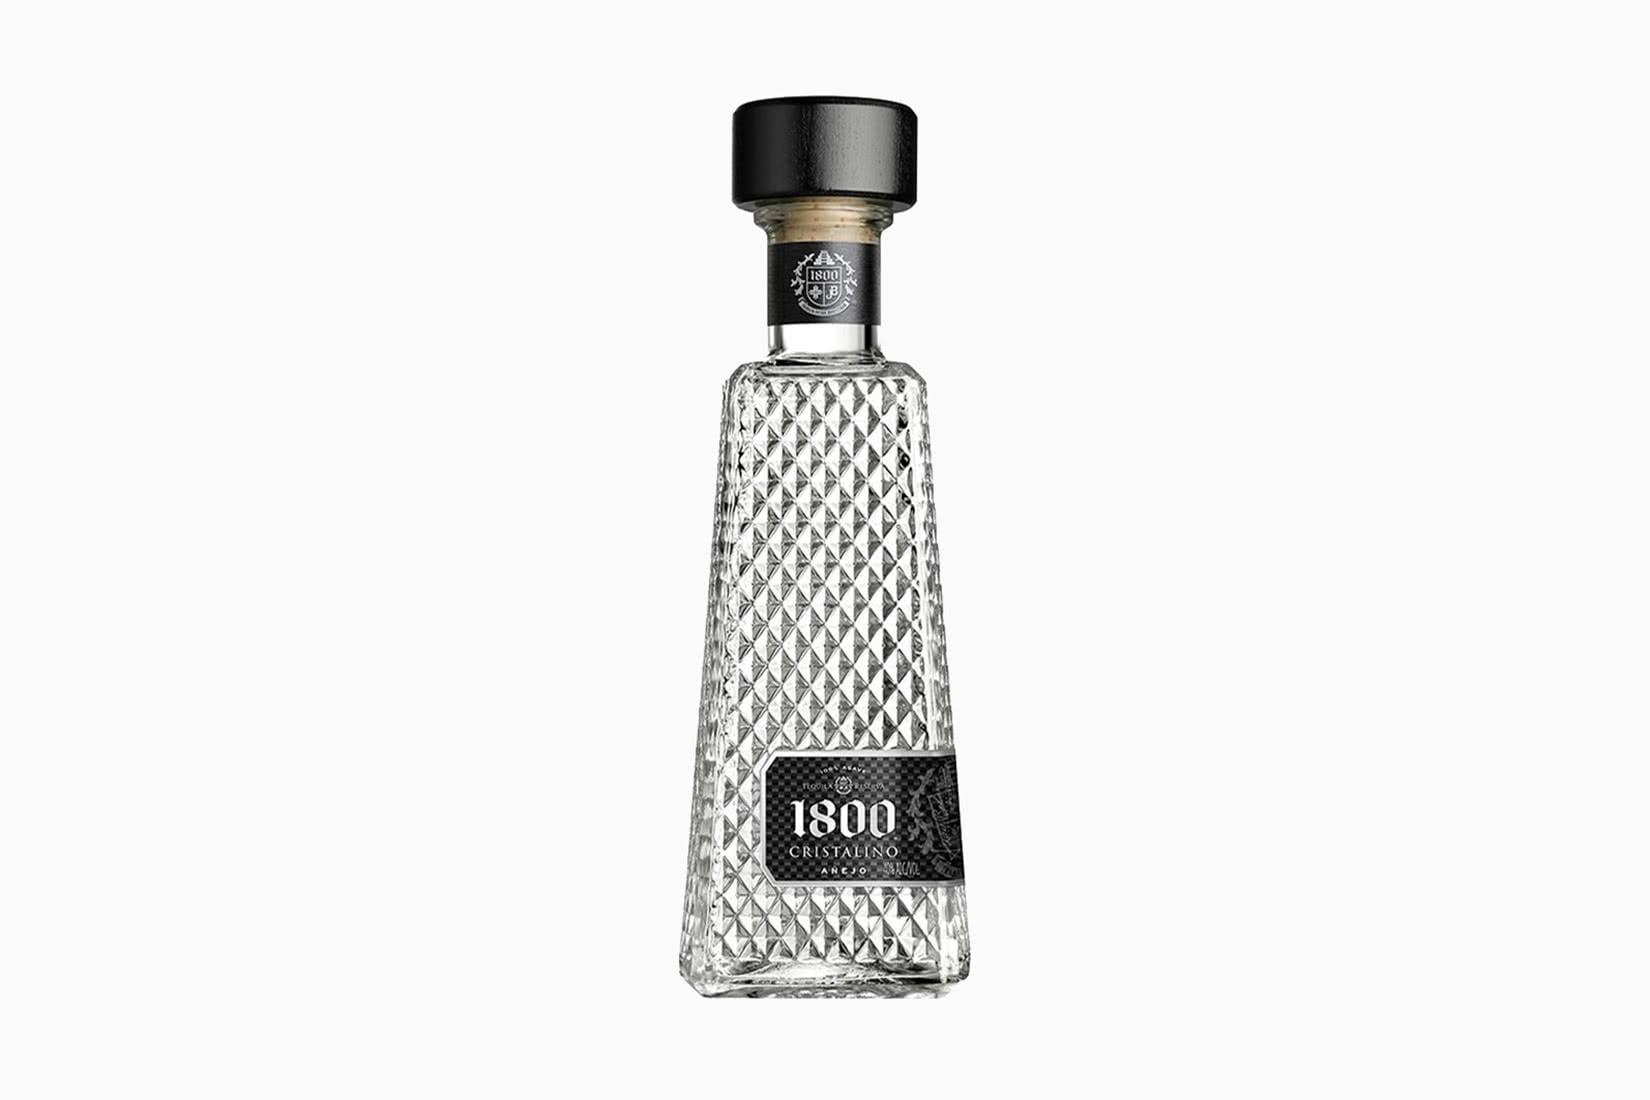 1800 tequila cristalino botella precio tamaño - Luxe Digital